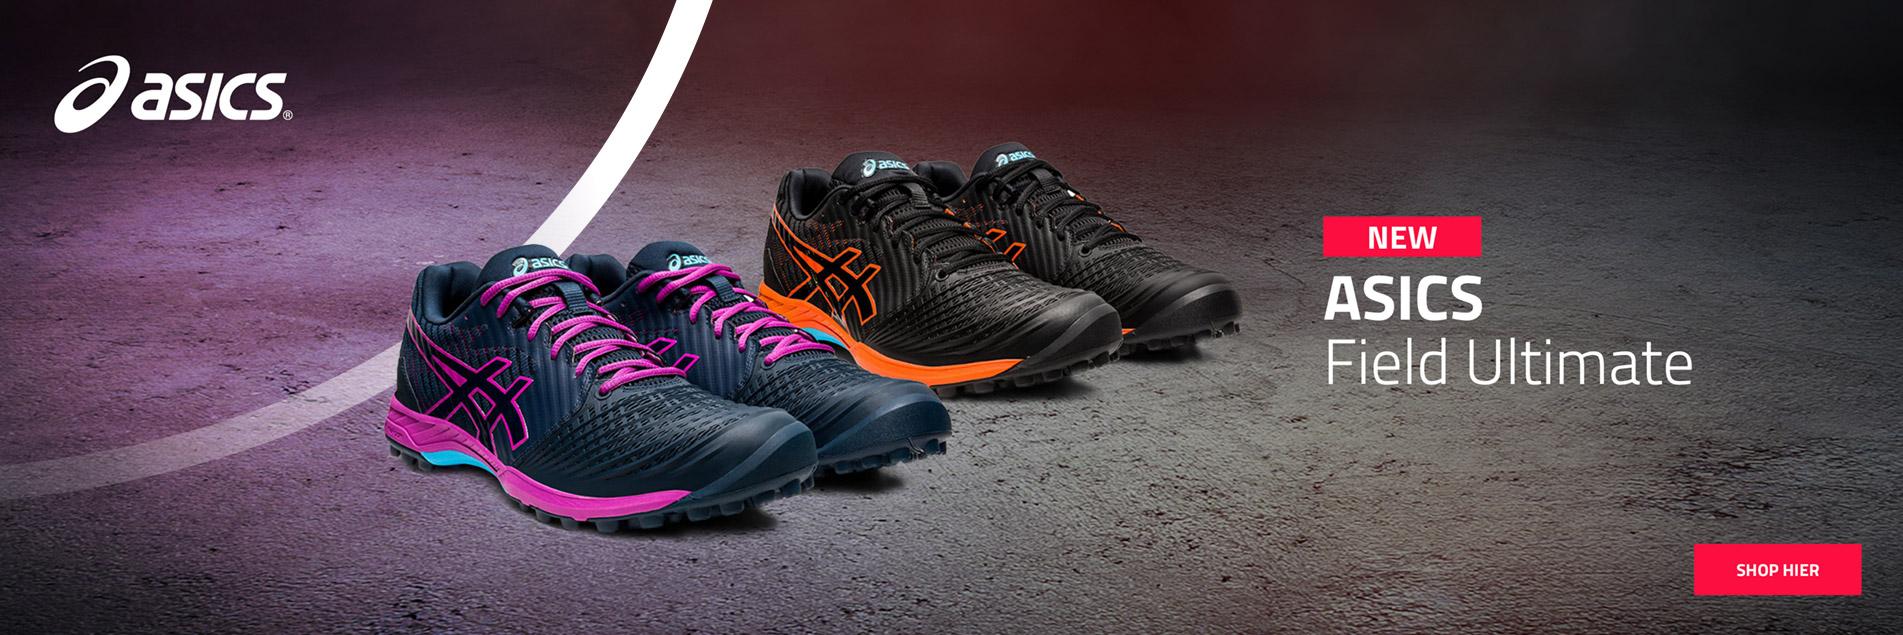 Nieuwe ASICS schoenen